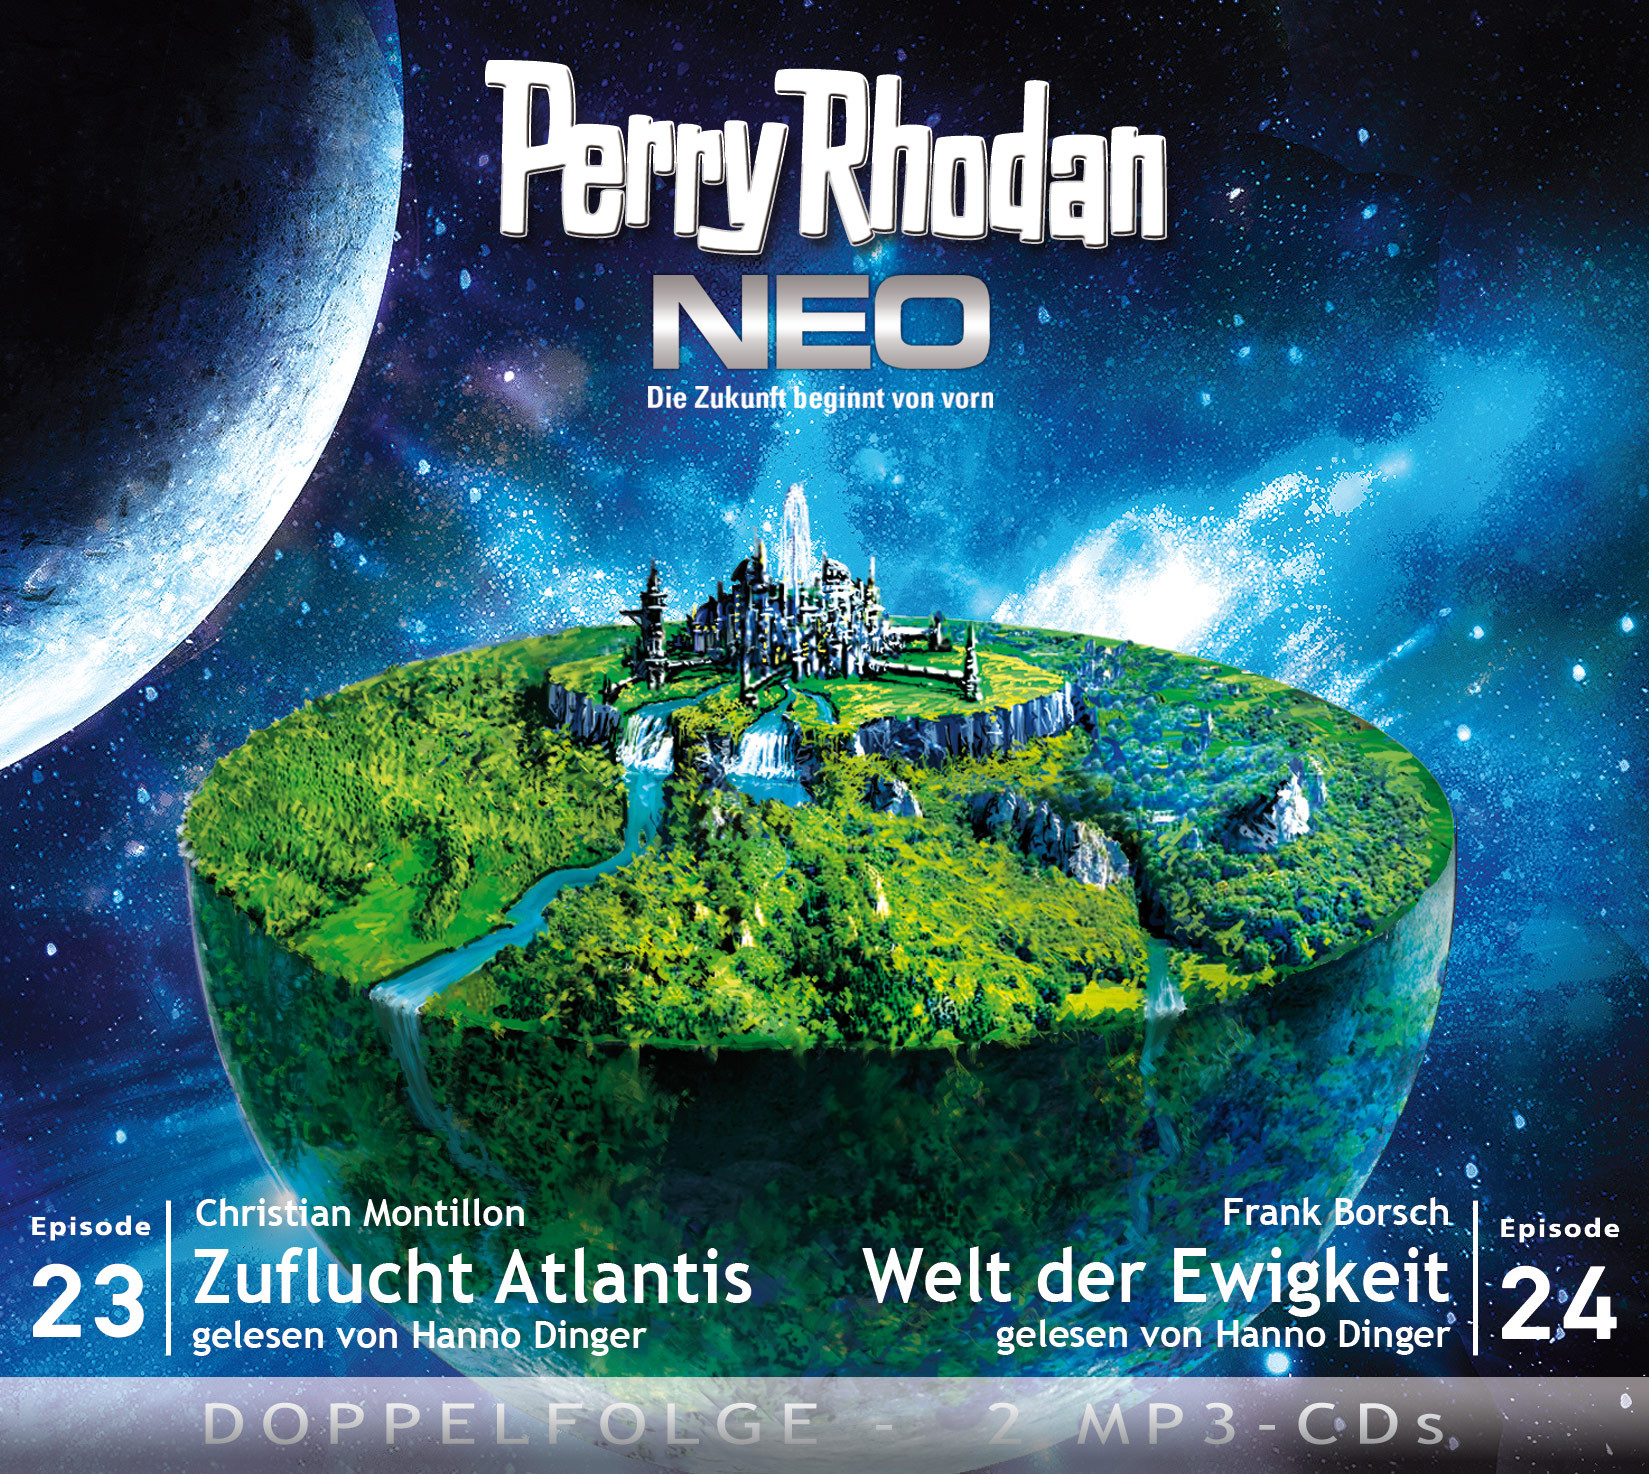 Perry Rhodan Neo MP3 Doppel-CD Folgen 23+24